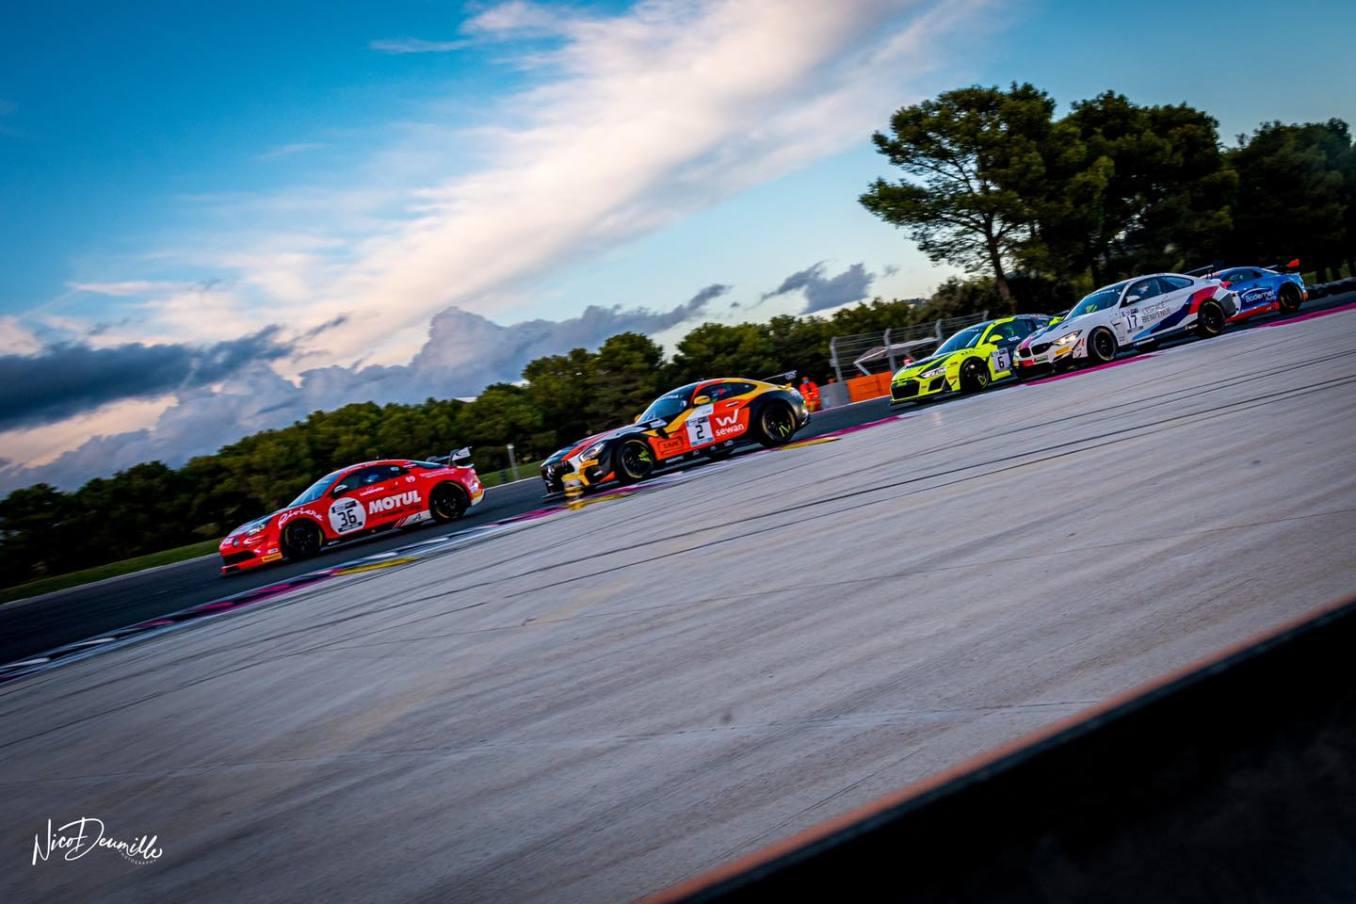 Alpine A110 GT4 FFSA GT Castellet Paul Ricard 2020 13 | Alpine A110 GT4 : Première victoire de Mirage Racing au Castellet en FFSA GT 2020